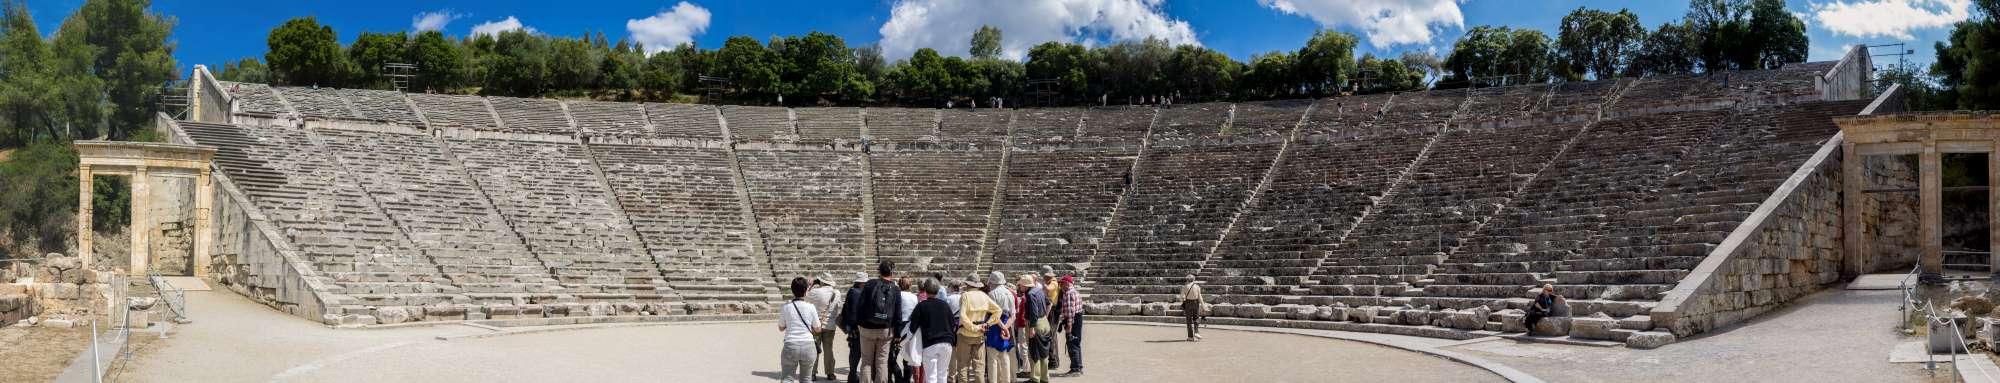 Théâtre d' 'Epidaure